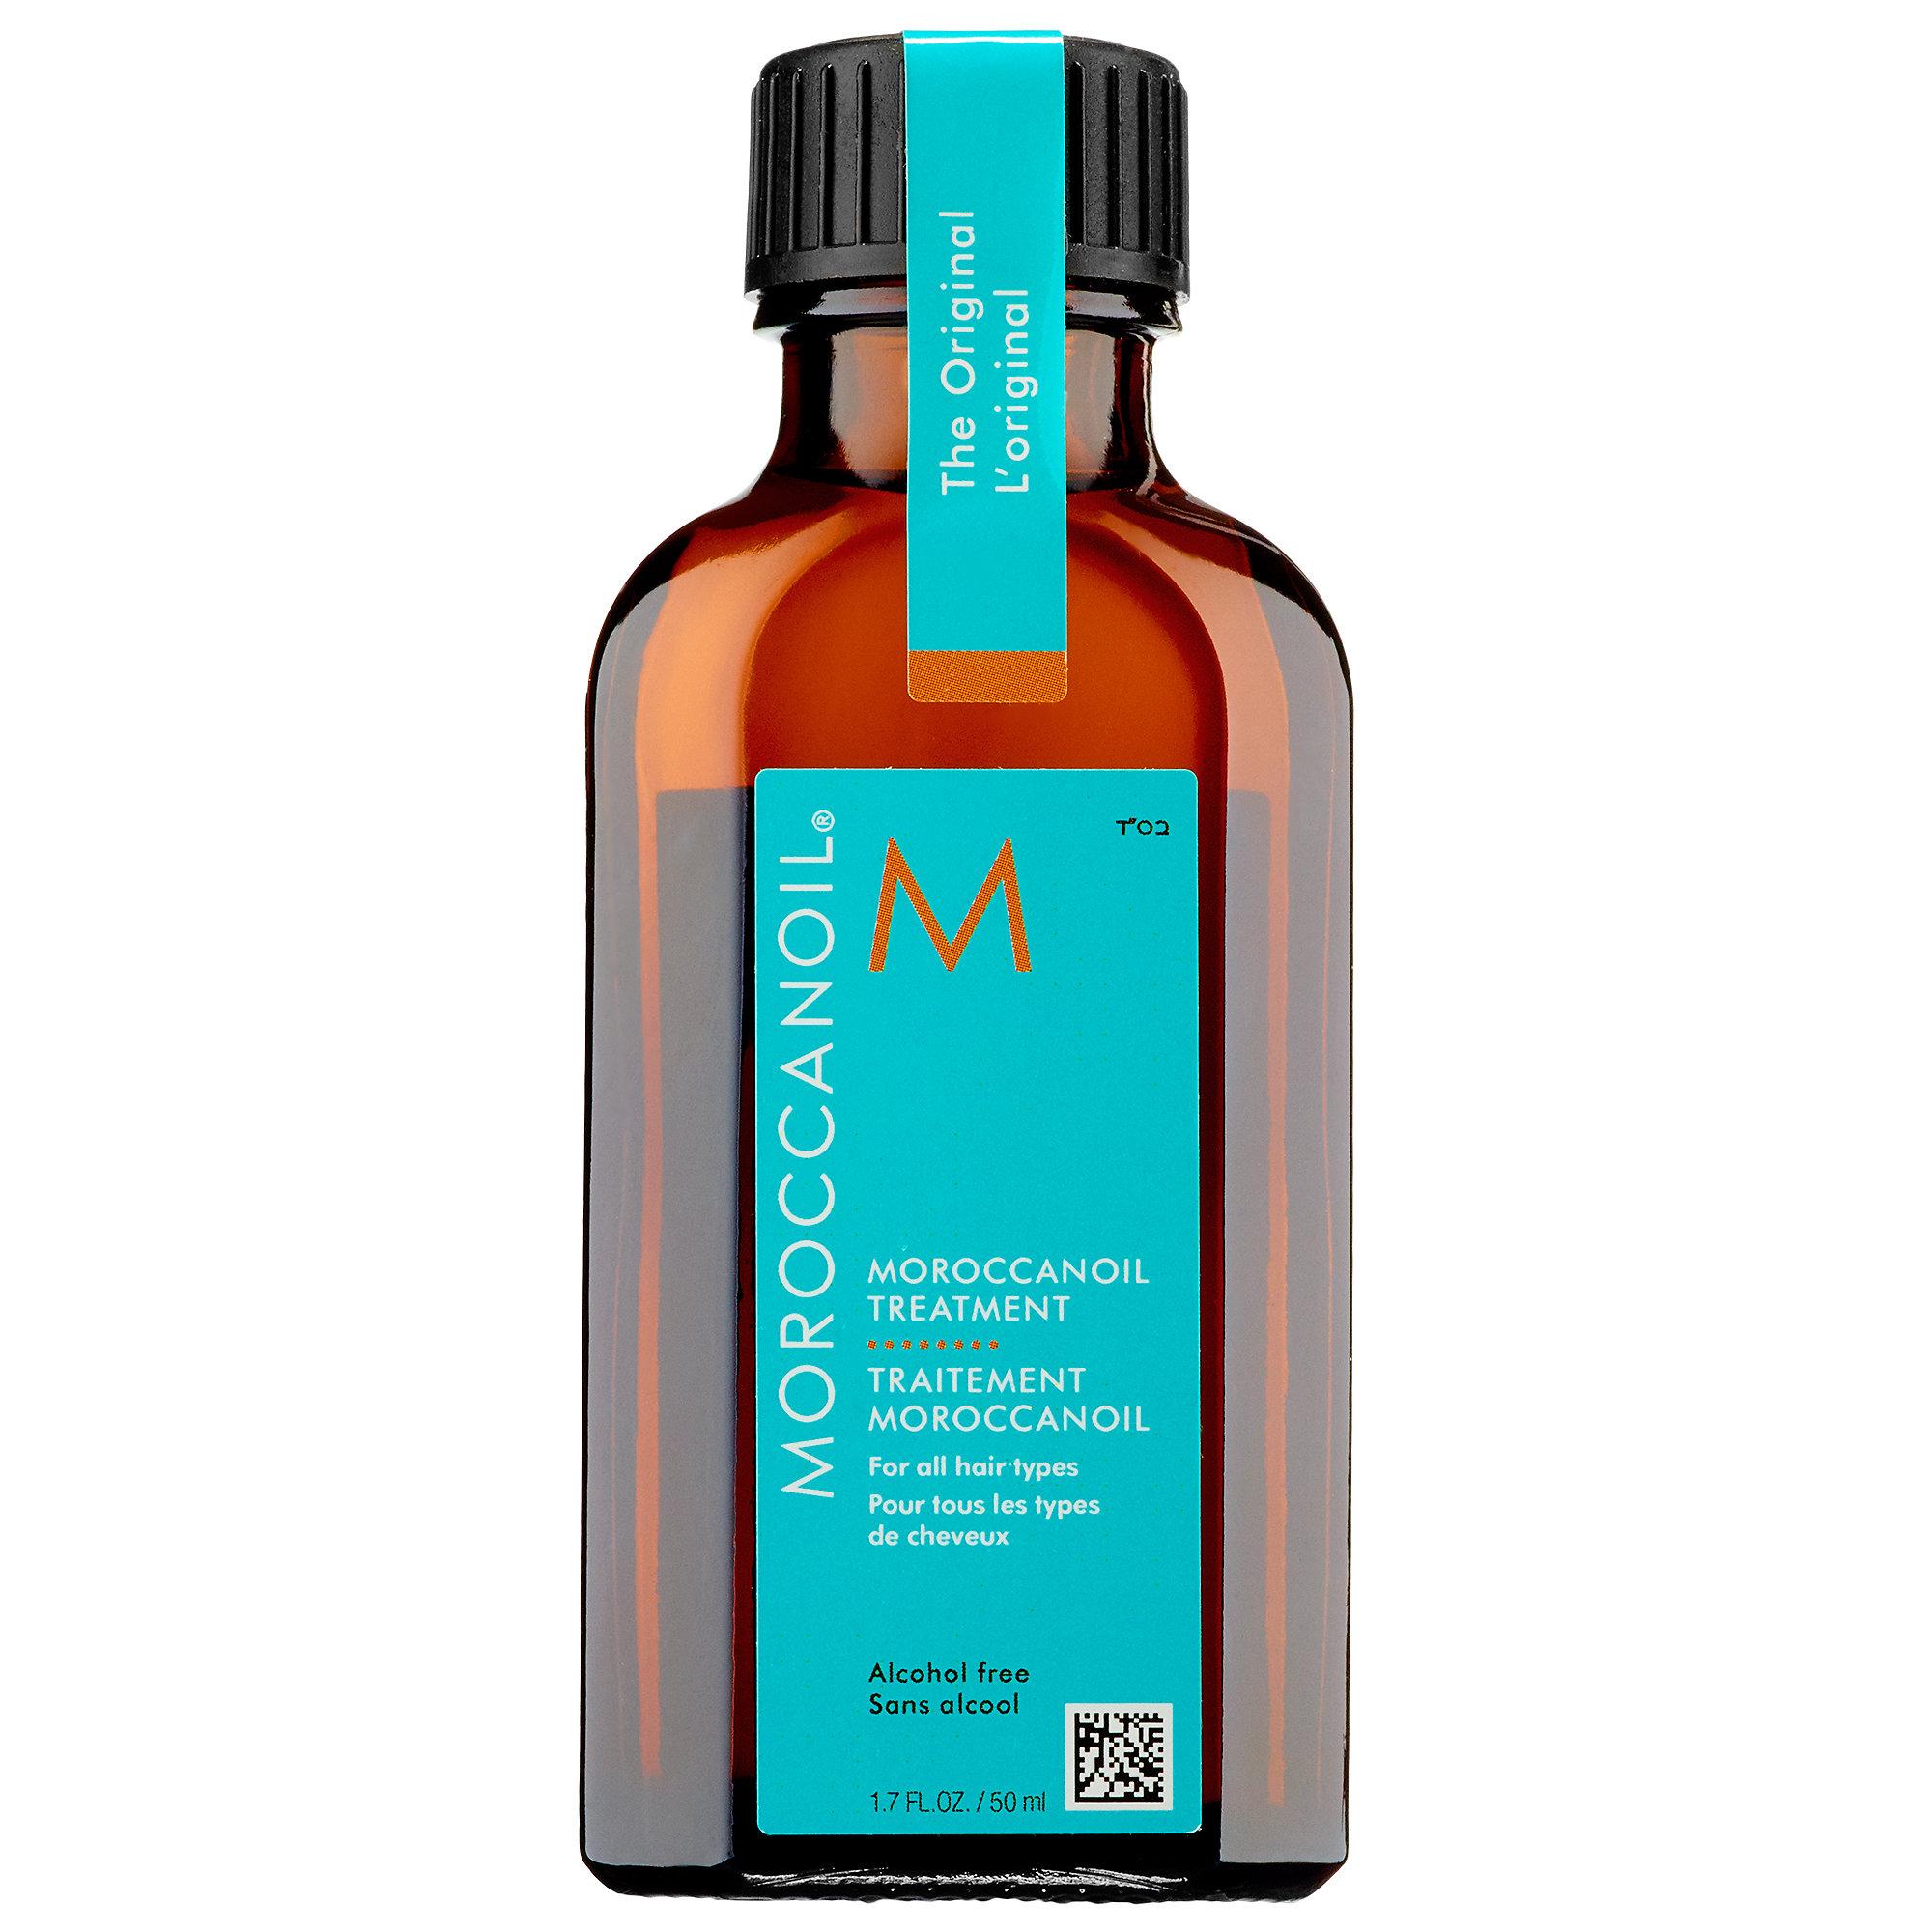 Moroccanoil Treatment - Sephora, $44